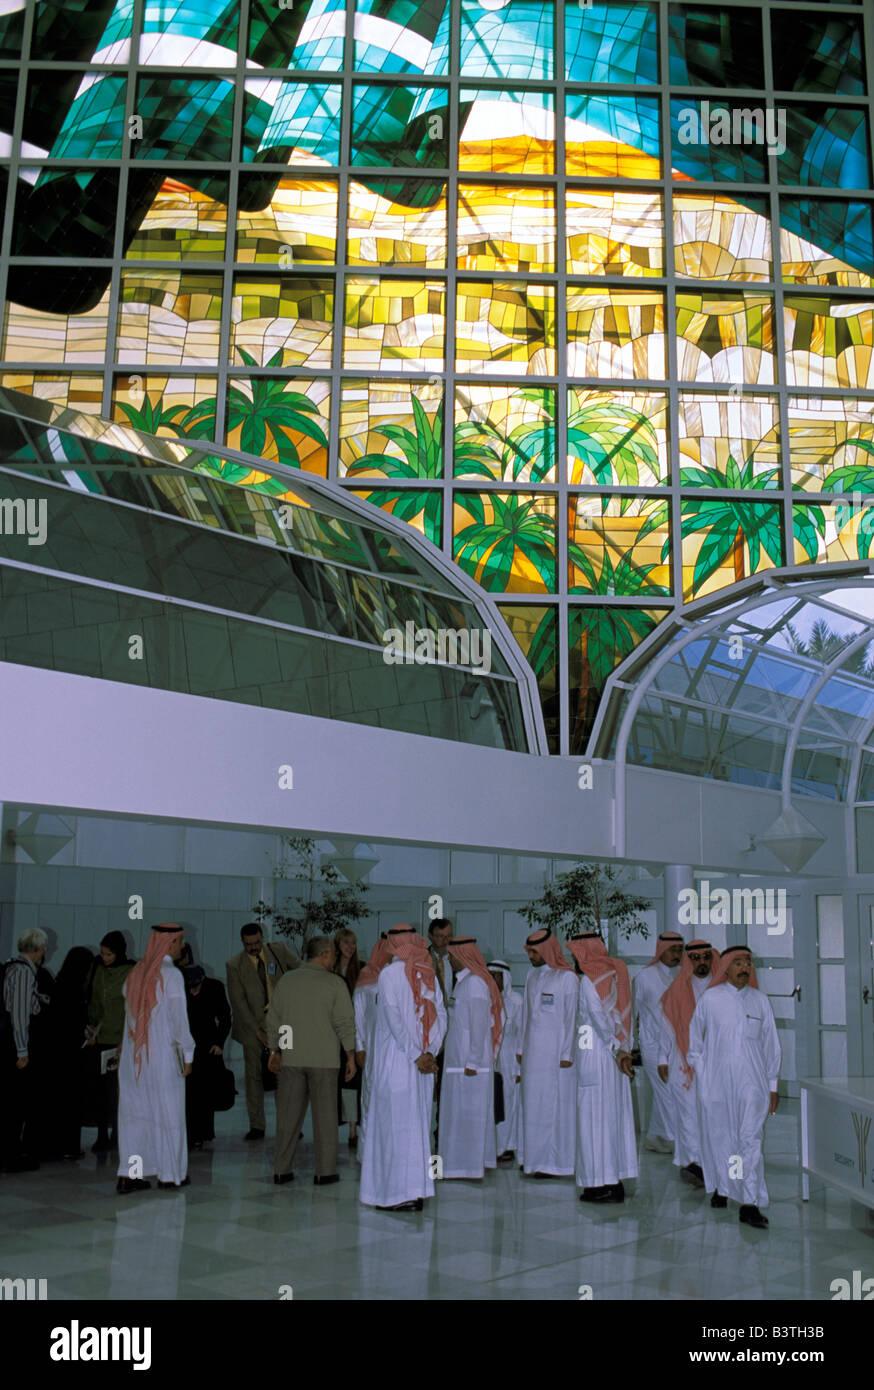 Asia, Arabia Saudita, Riyadh. All'interno di Re Fahid centro culturale. Immagini Stock